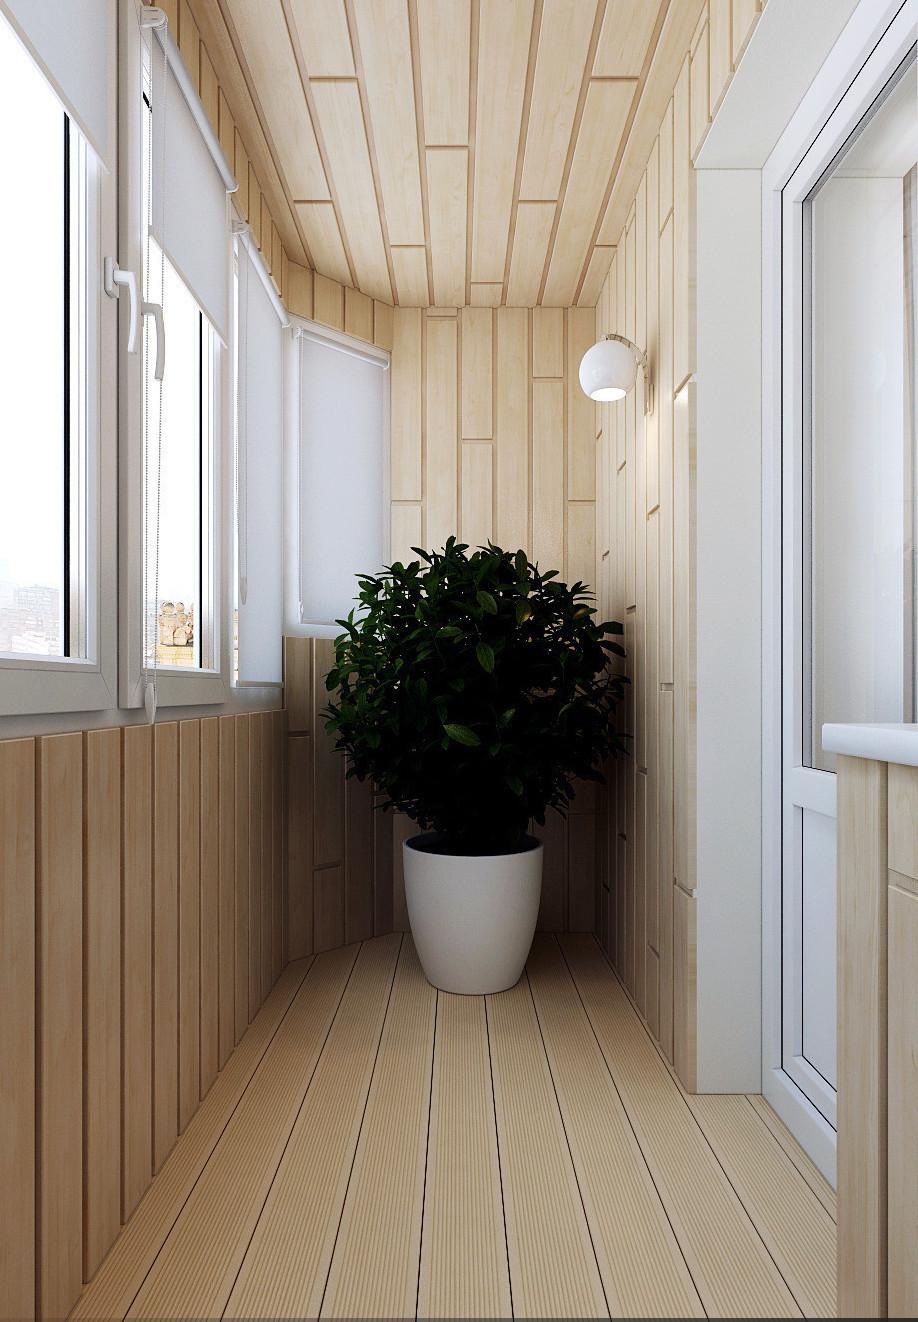 """Небольшой коричневый балкон в квартире."""" - карточка пользова."""